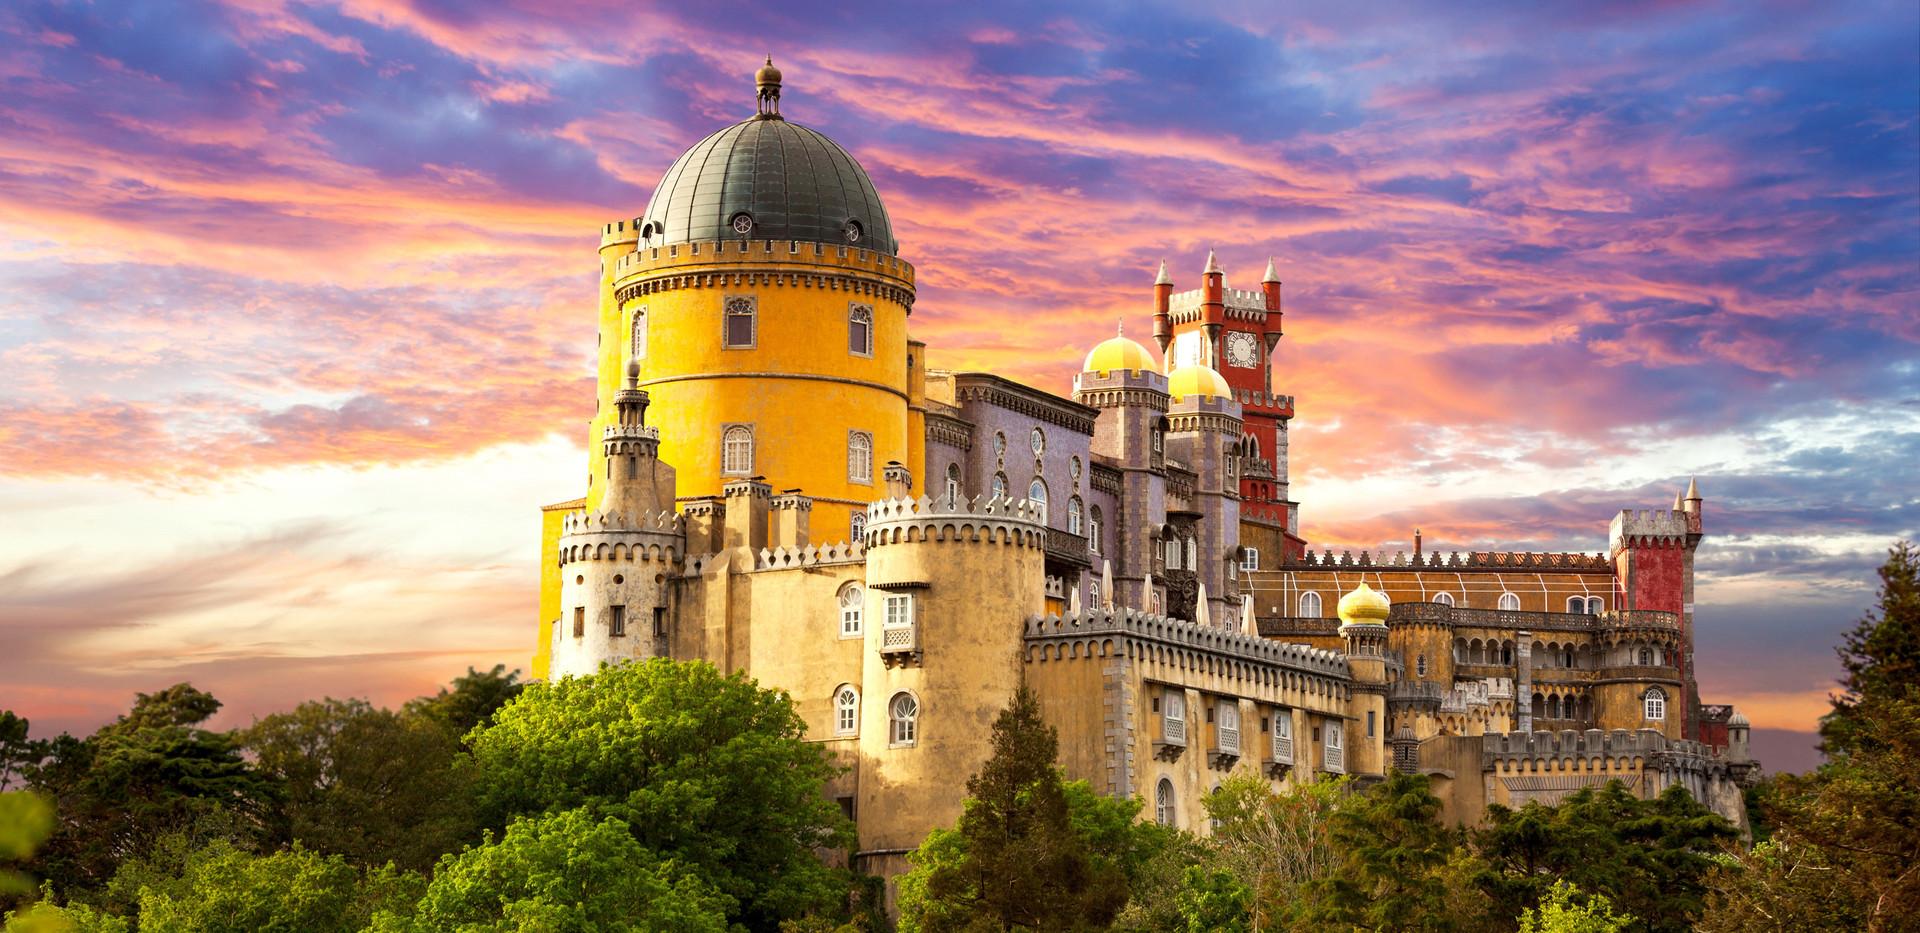 Pena's Palace - Sintra